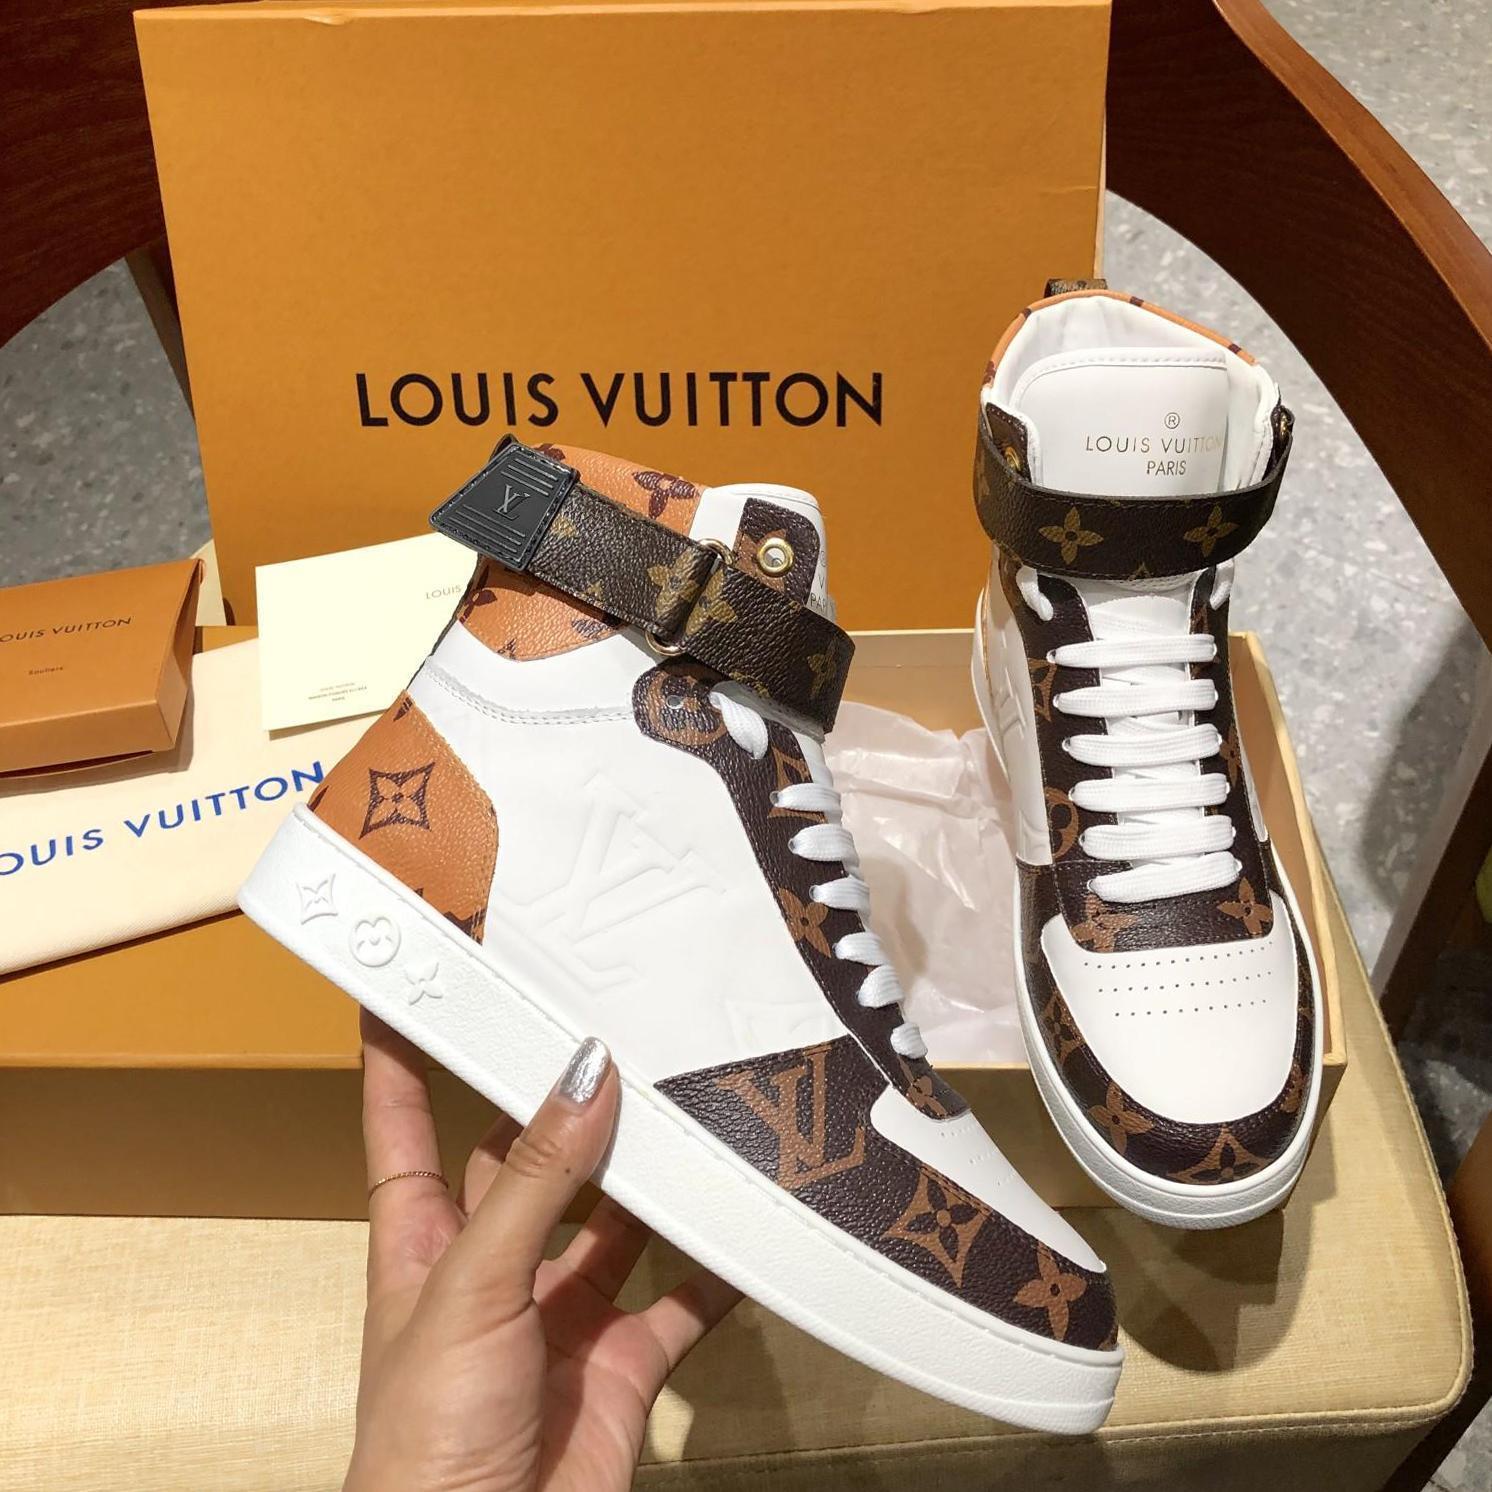 Lüks Womens deri yüksek top rahat spor ayakkabıları, Yeni listeleme kişilik vahşi Baskı deseni Çift Casual ayakkabılar boyutu 35-46 0077